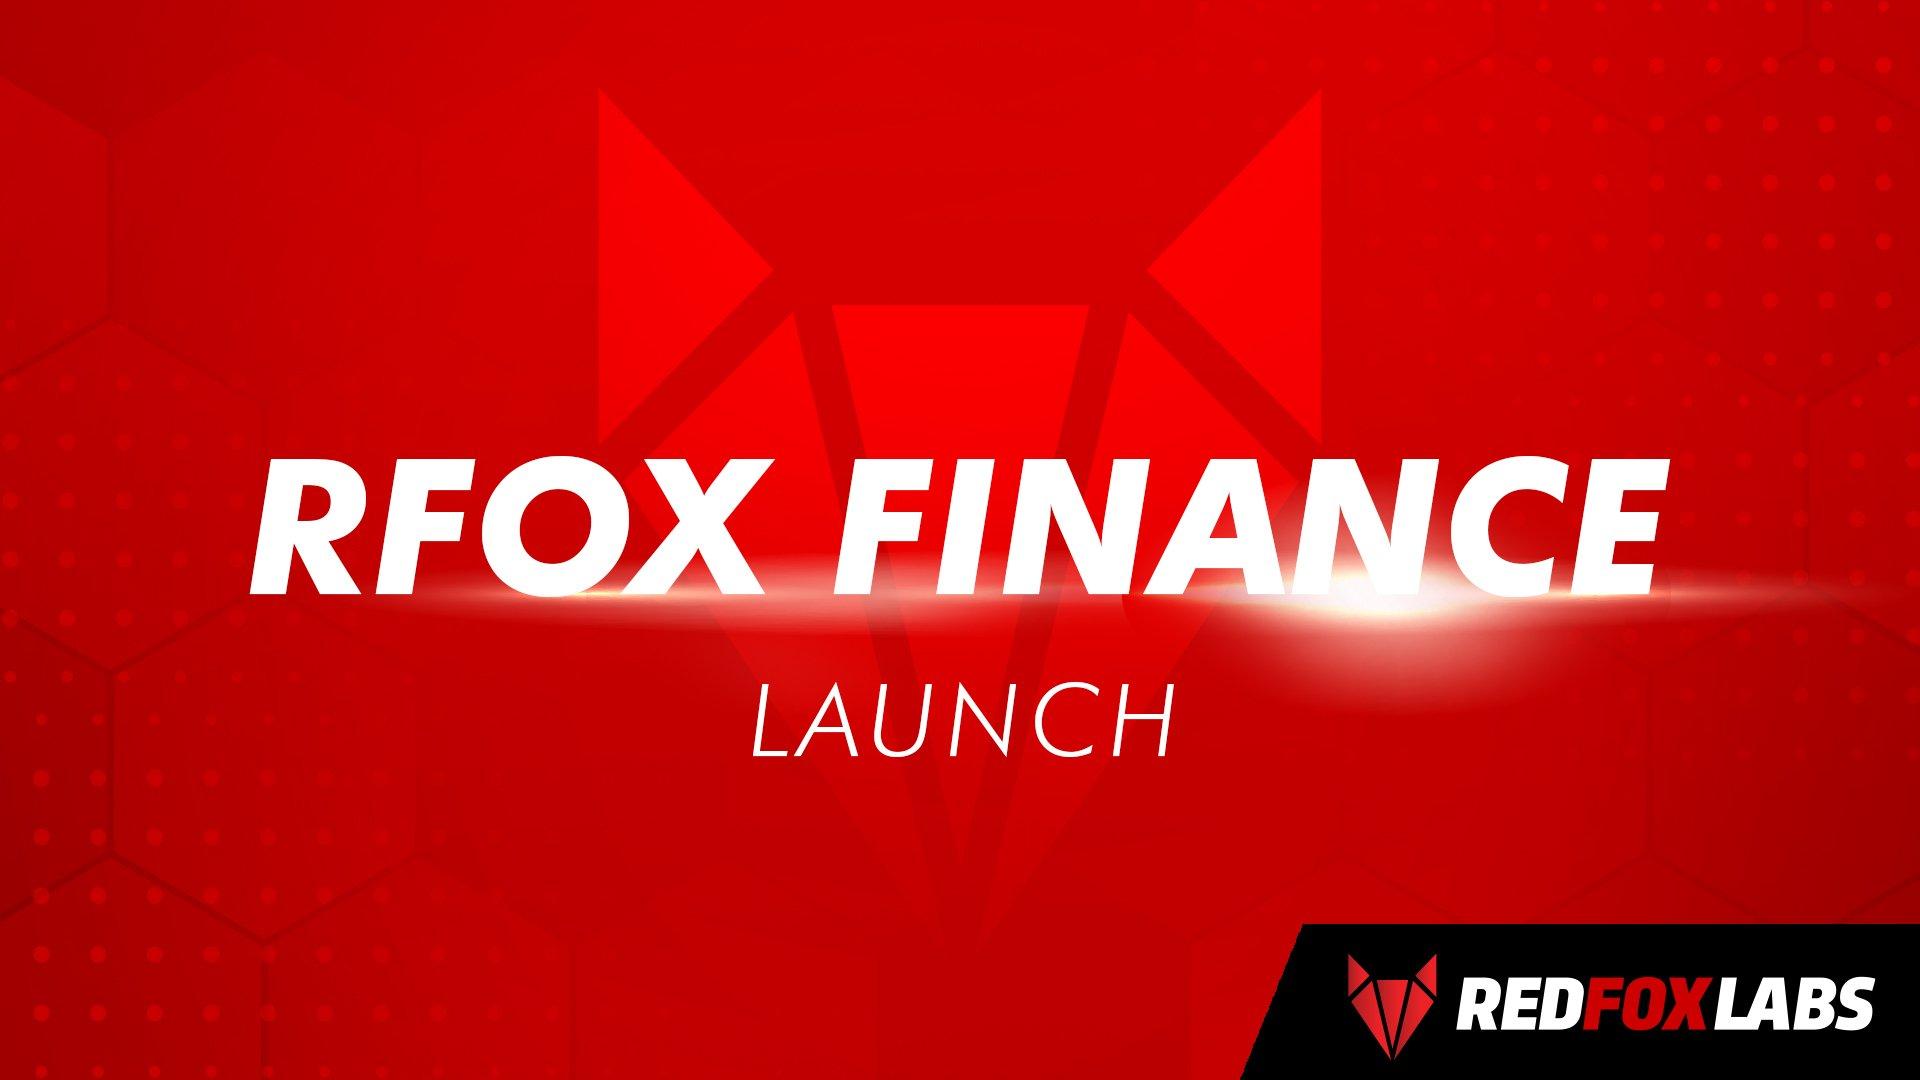 RFOX.Finance is now LIVE!